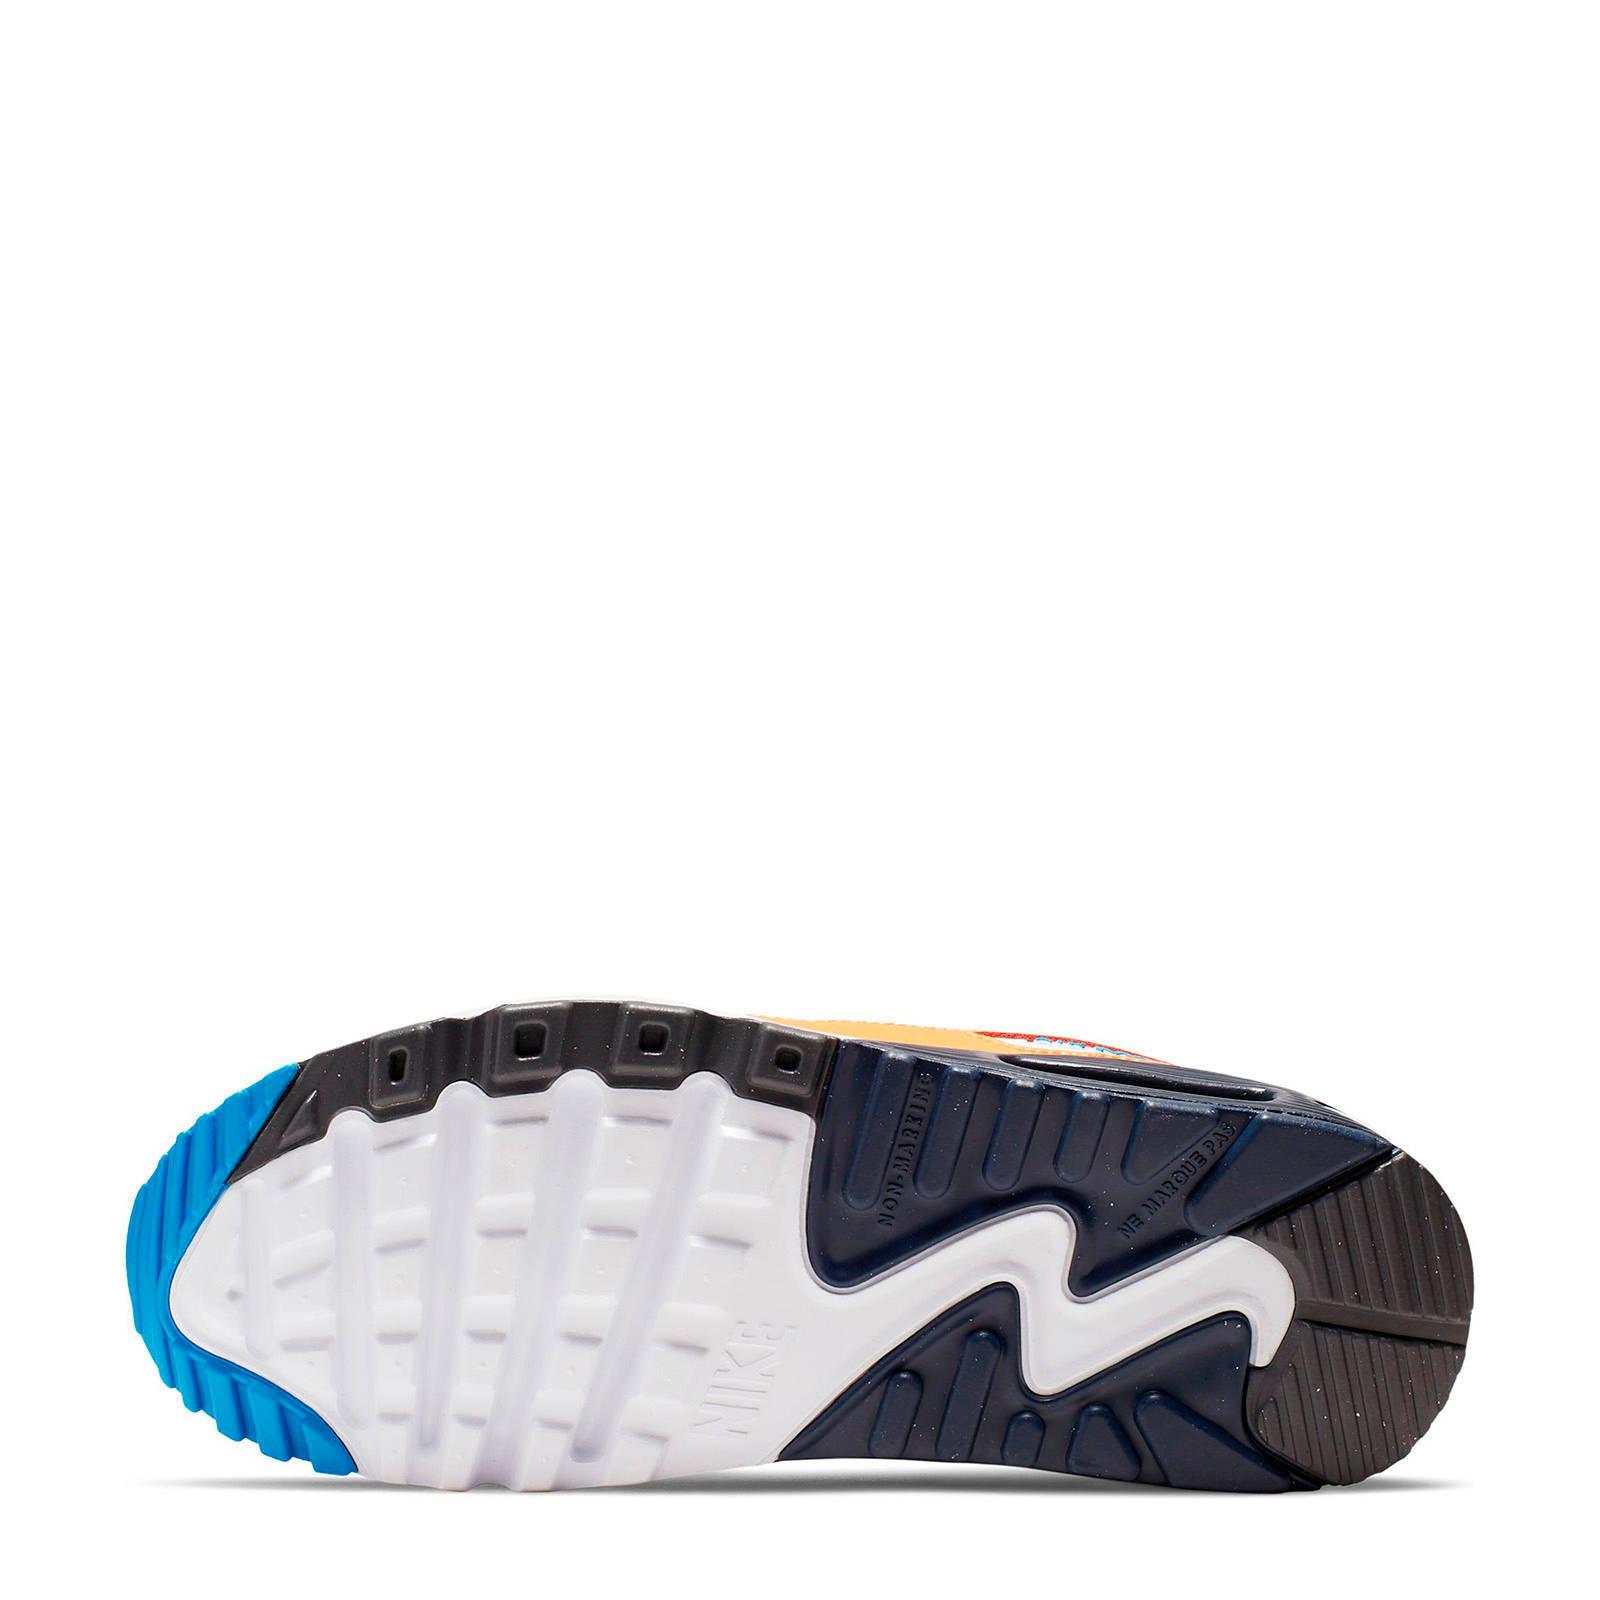 air max schoenen